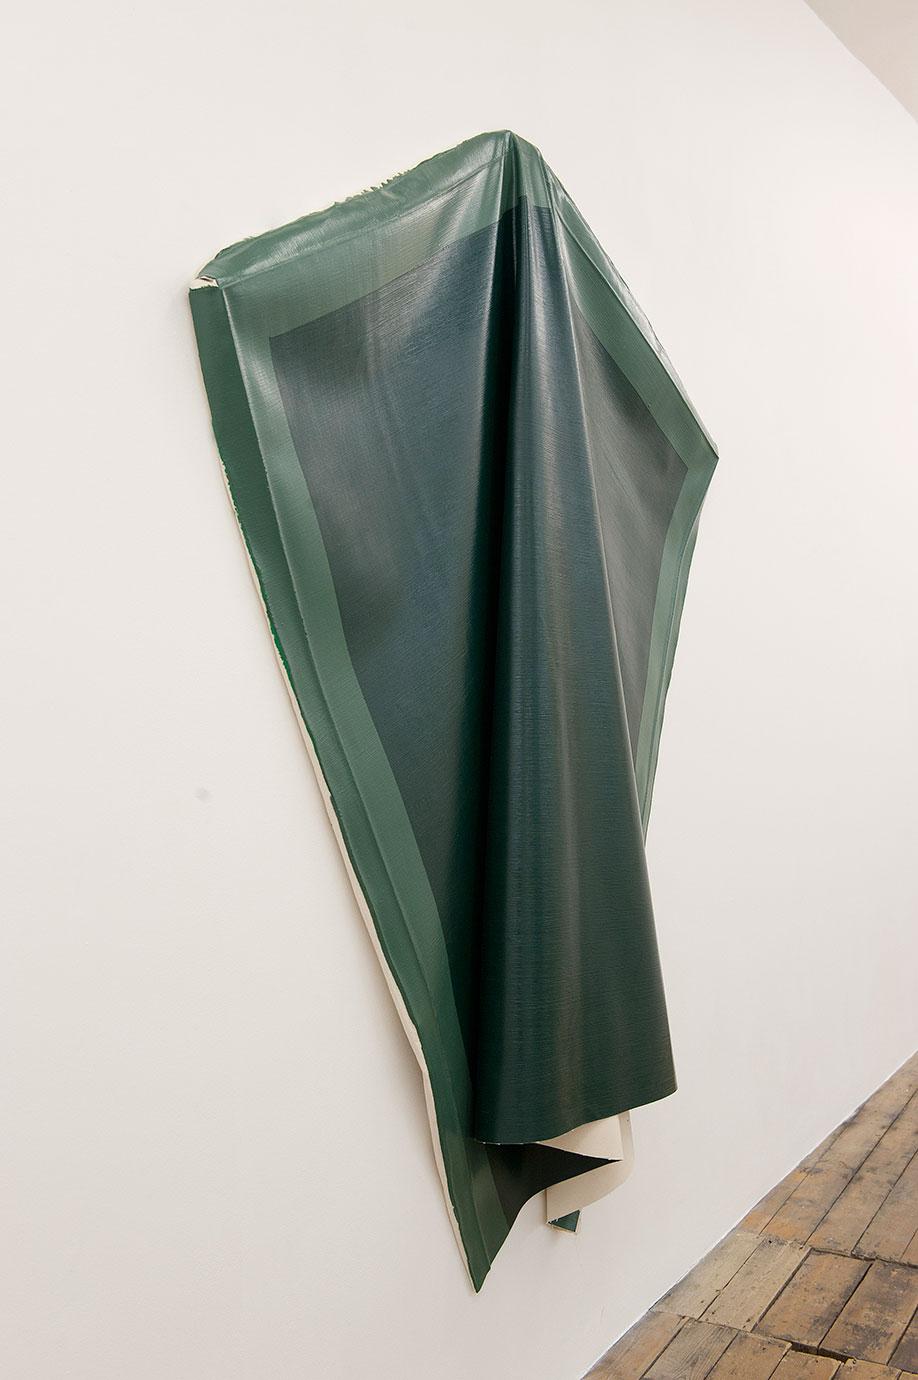 <b>Title:</b>Deflated Green<br /><b>Year:</b>2010<br /><b>Medium:</b>Oil on canvas<br /><b>Size:</b>153 x 180 cm